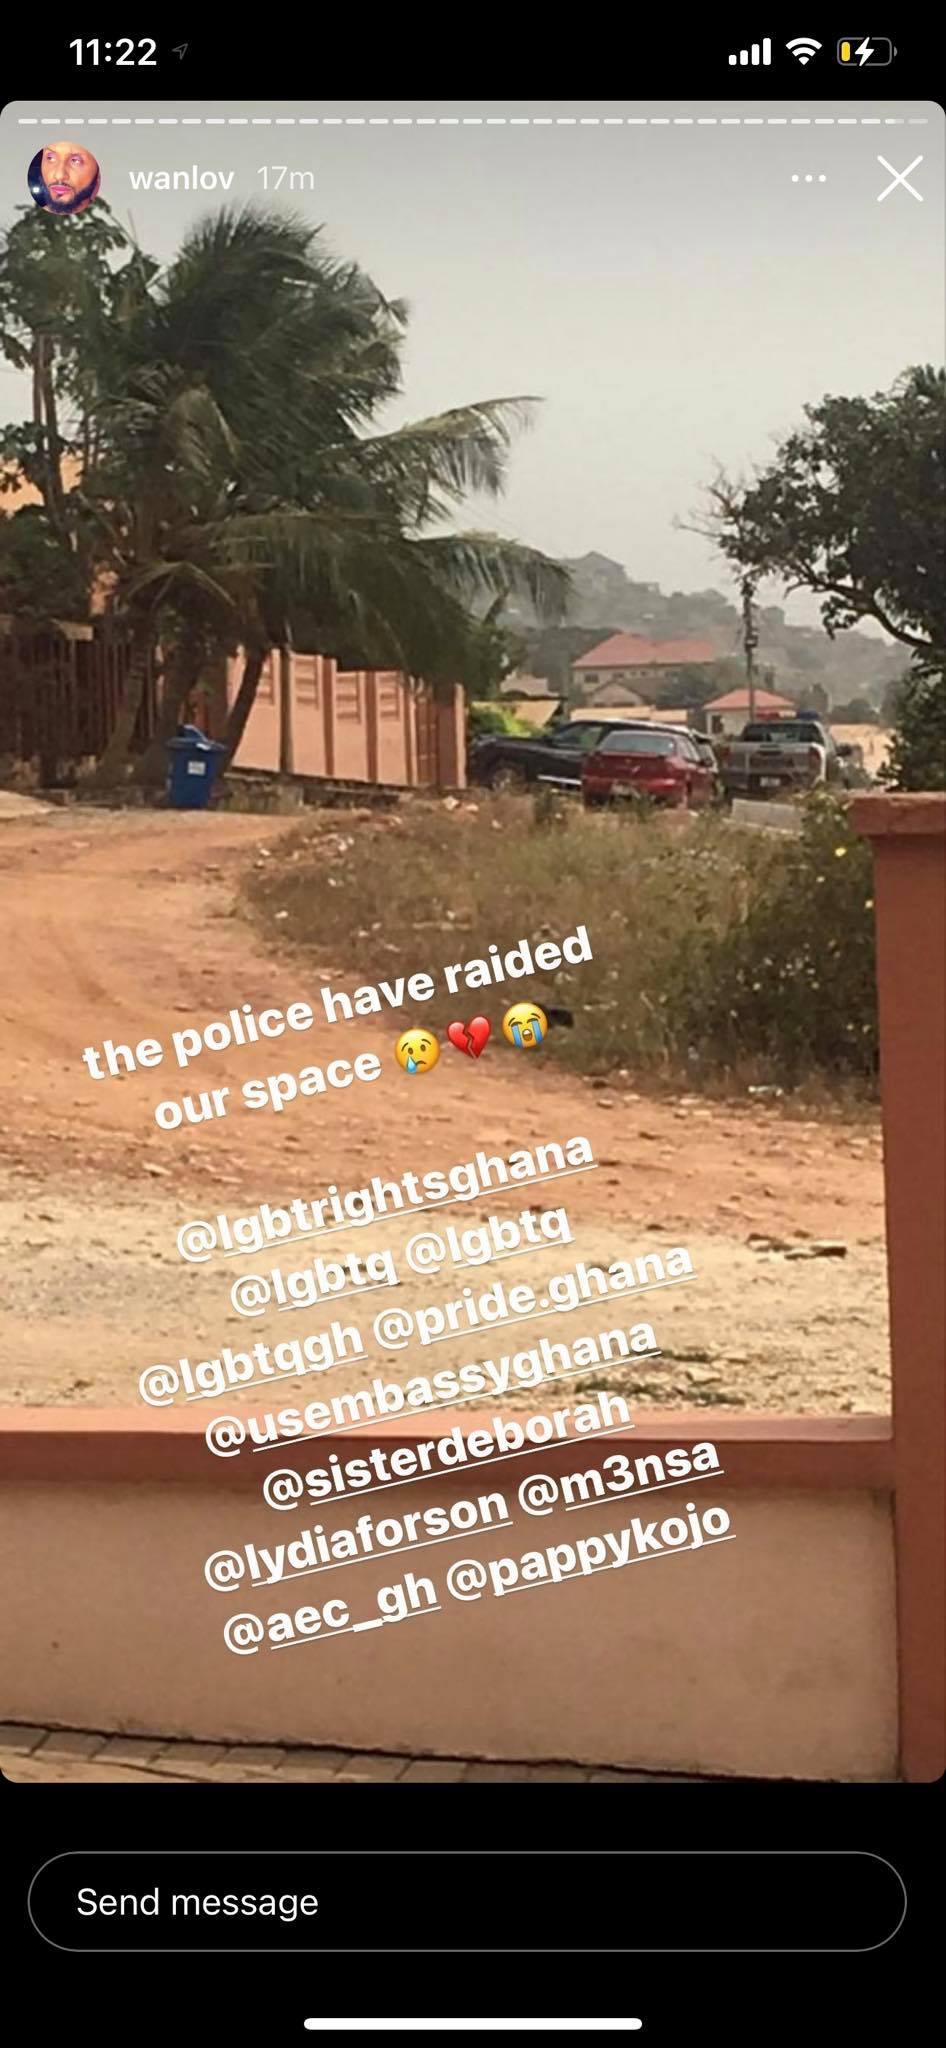 police%2Braid